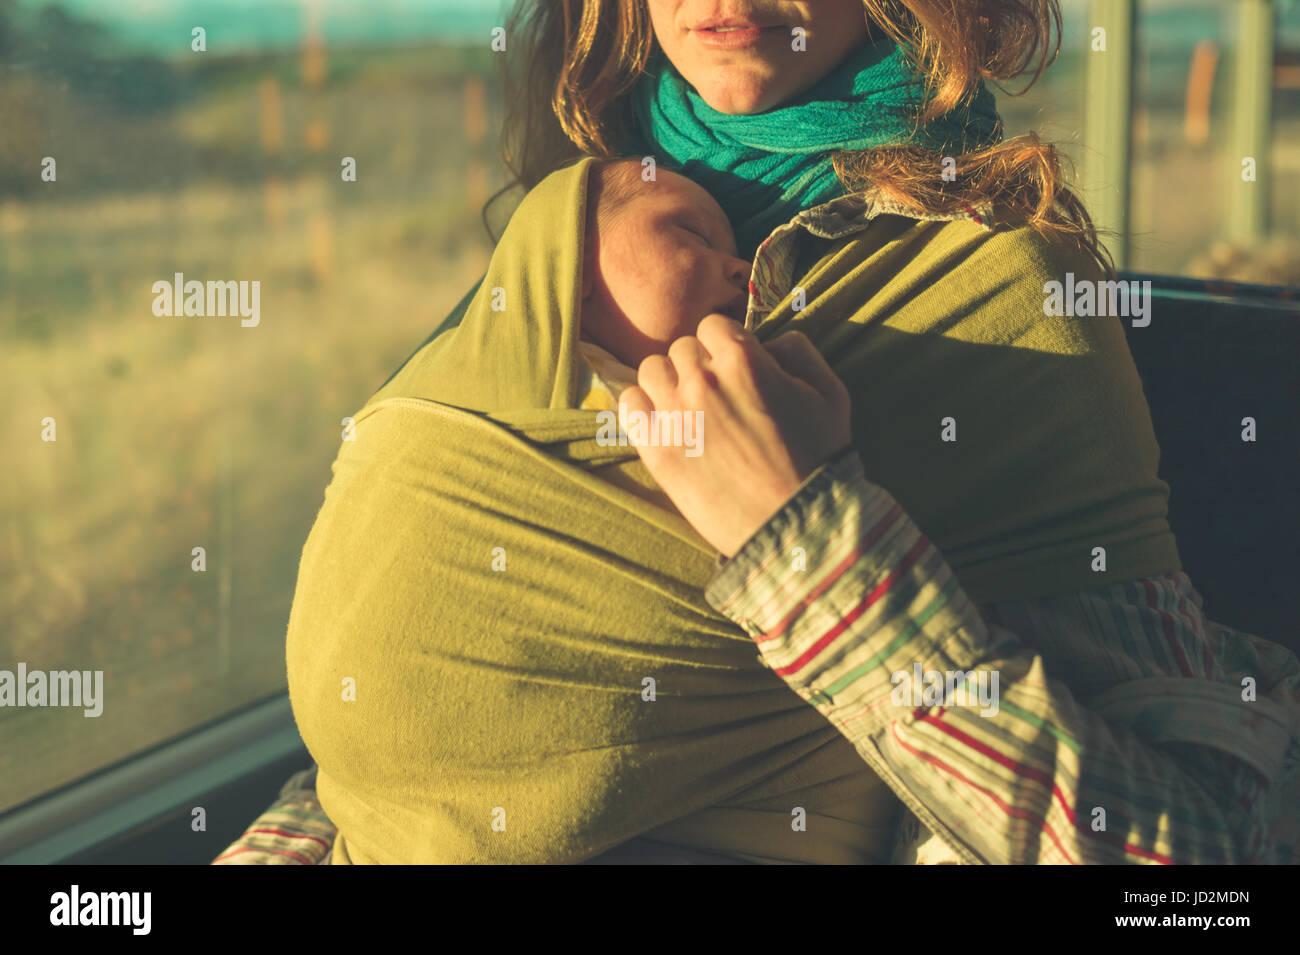 Am Bus ist eine junge Mutter mit ihrem Baby im Tragetuch bei Sonnenuntergang Stockbild